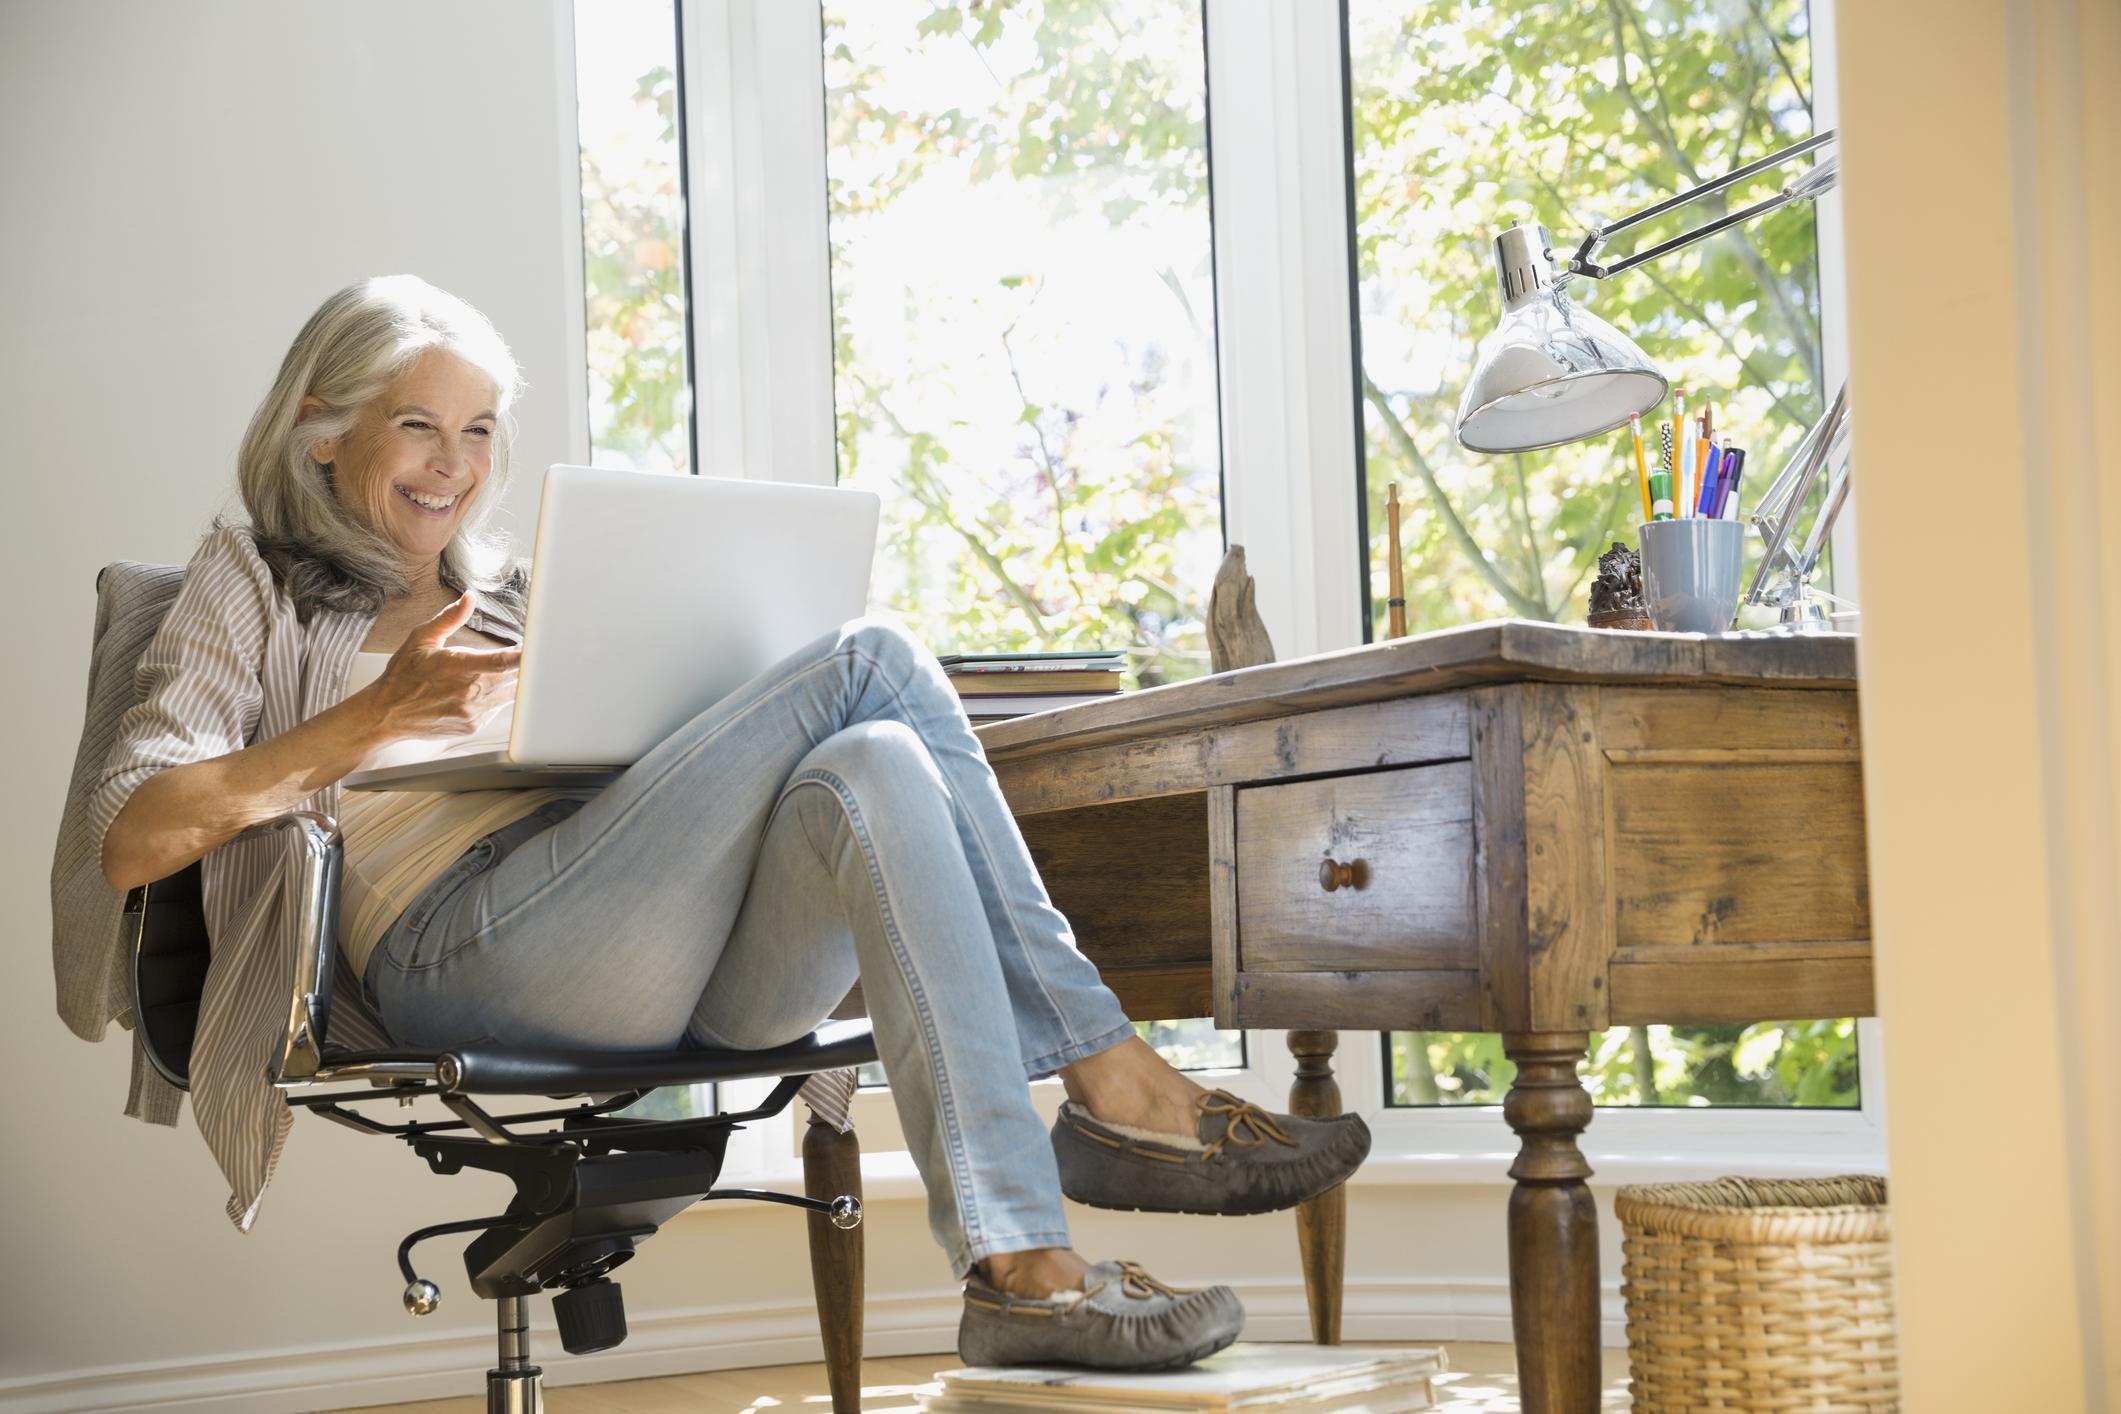 Senior-woman-using-laptop.jpg